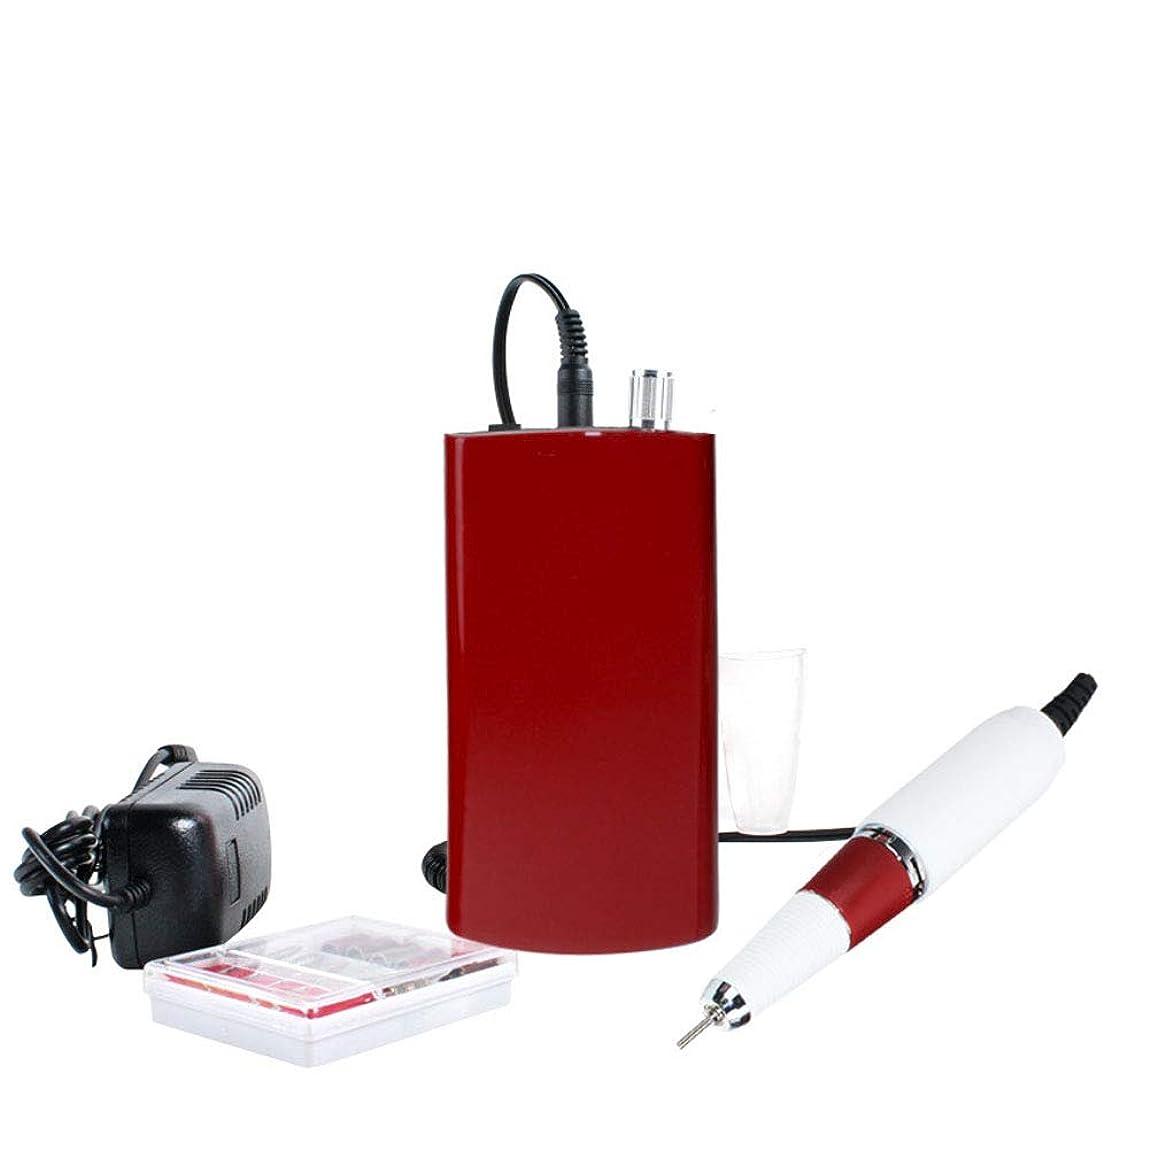 怒り対応古代30000 rpm電動ネイルアートドリルマシンアートサロンマニキュアツール電動研磨機ネイルパワードリル、110-240ボルト,Red